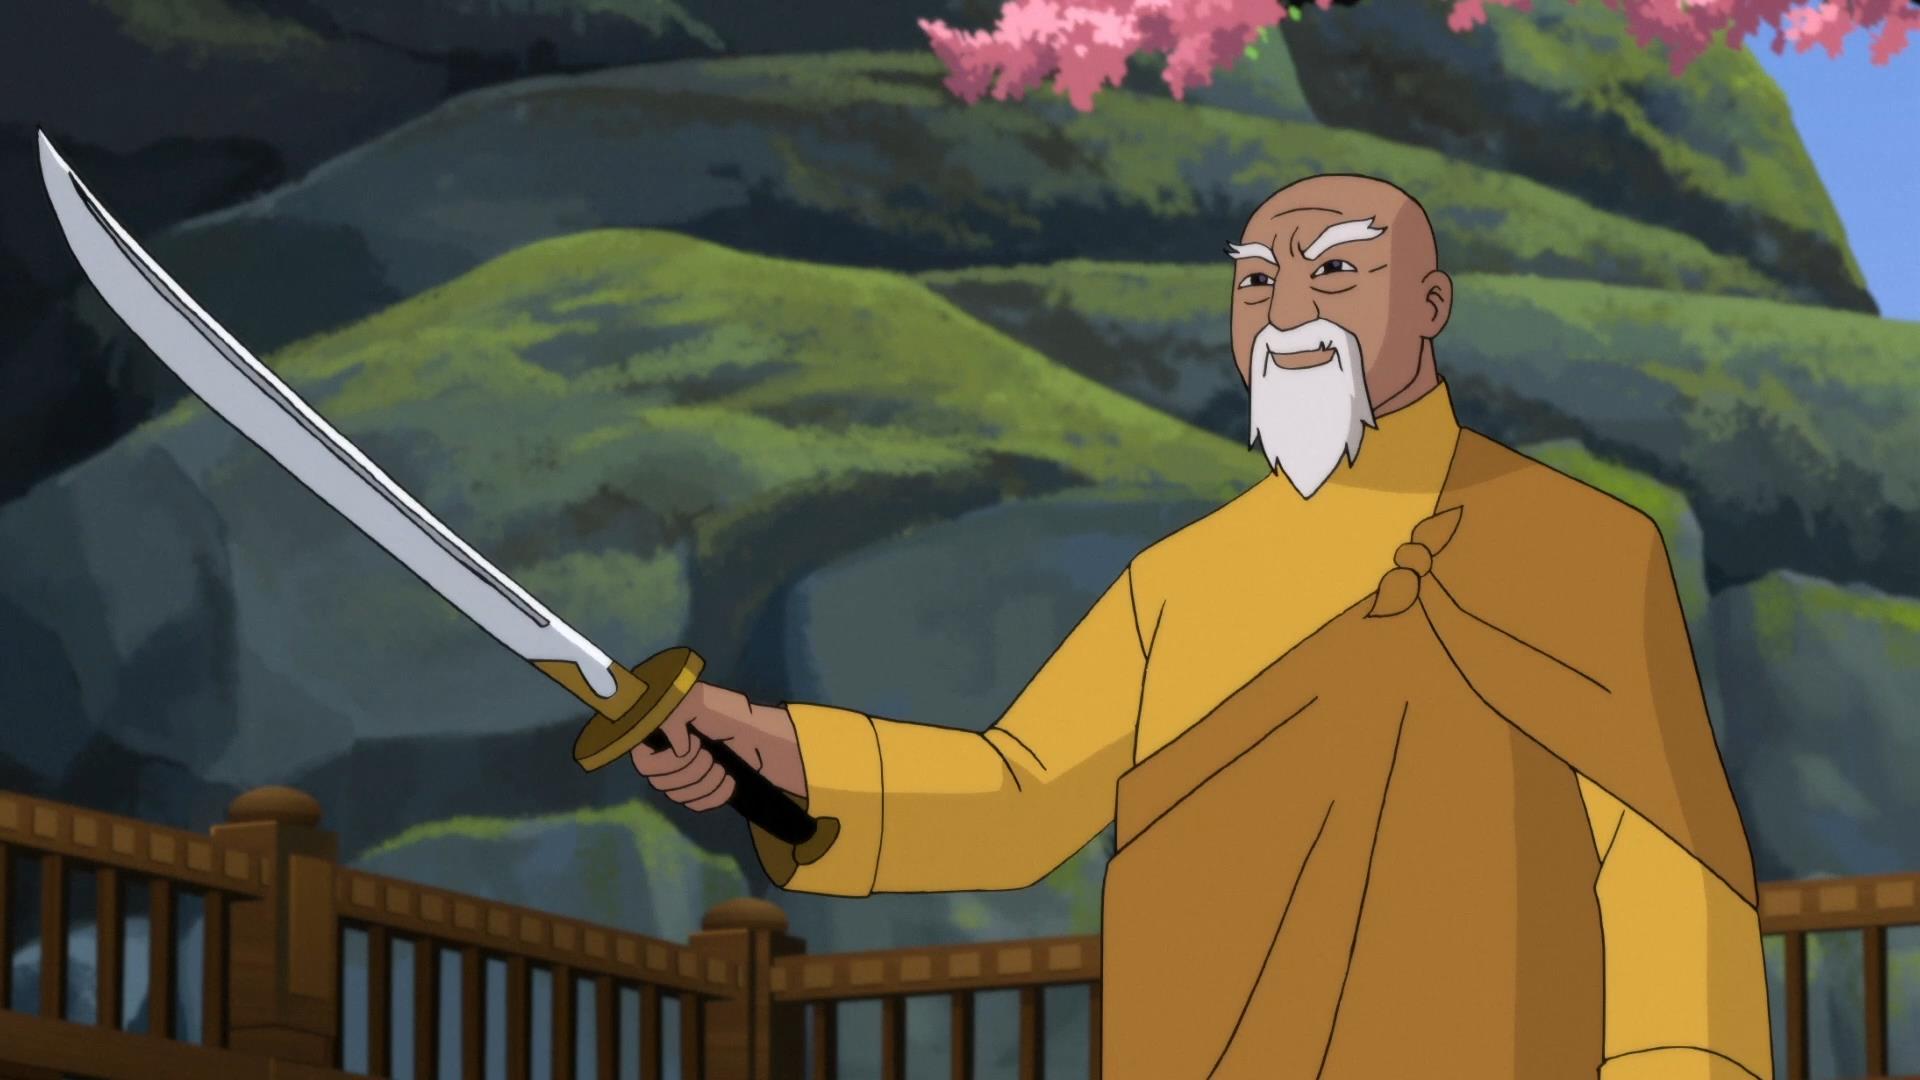 DC动画《蝙蝠侠:龙之魂》新片段 武术大师介绍名刀